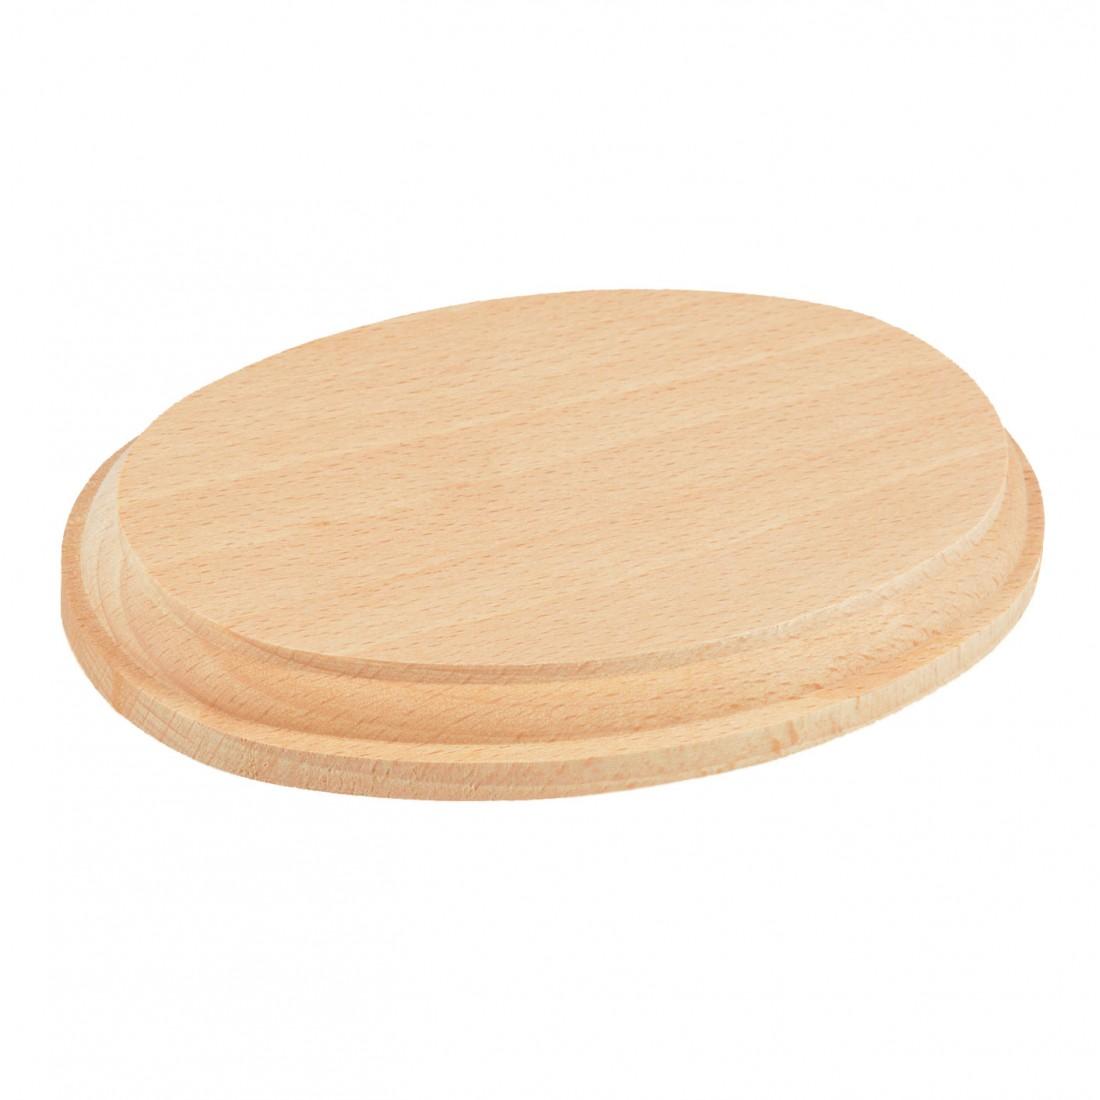 Base ovalada de madera natural mm.160x100x20